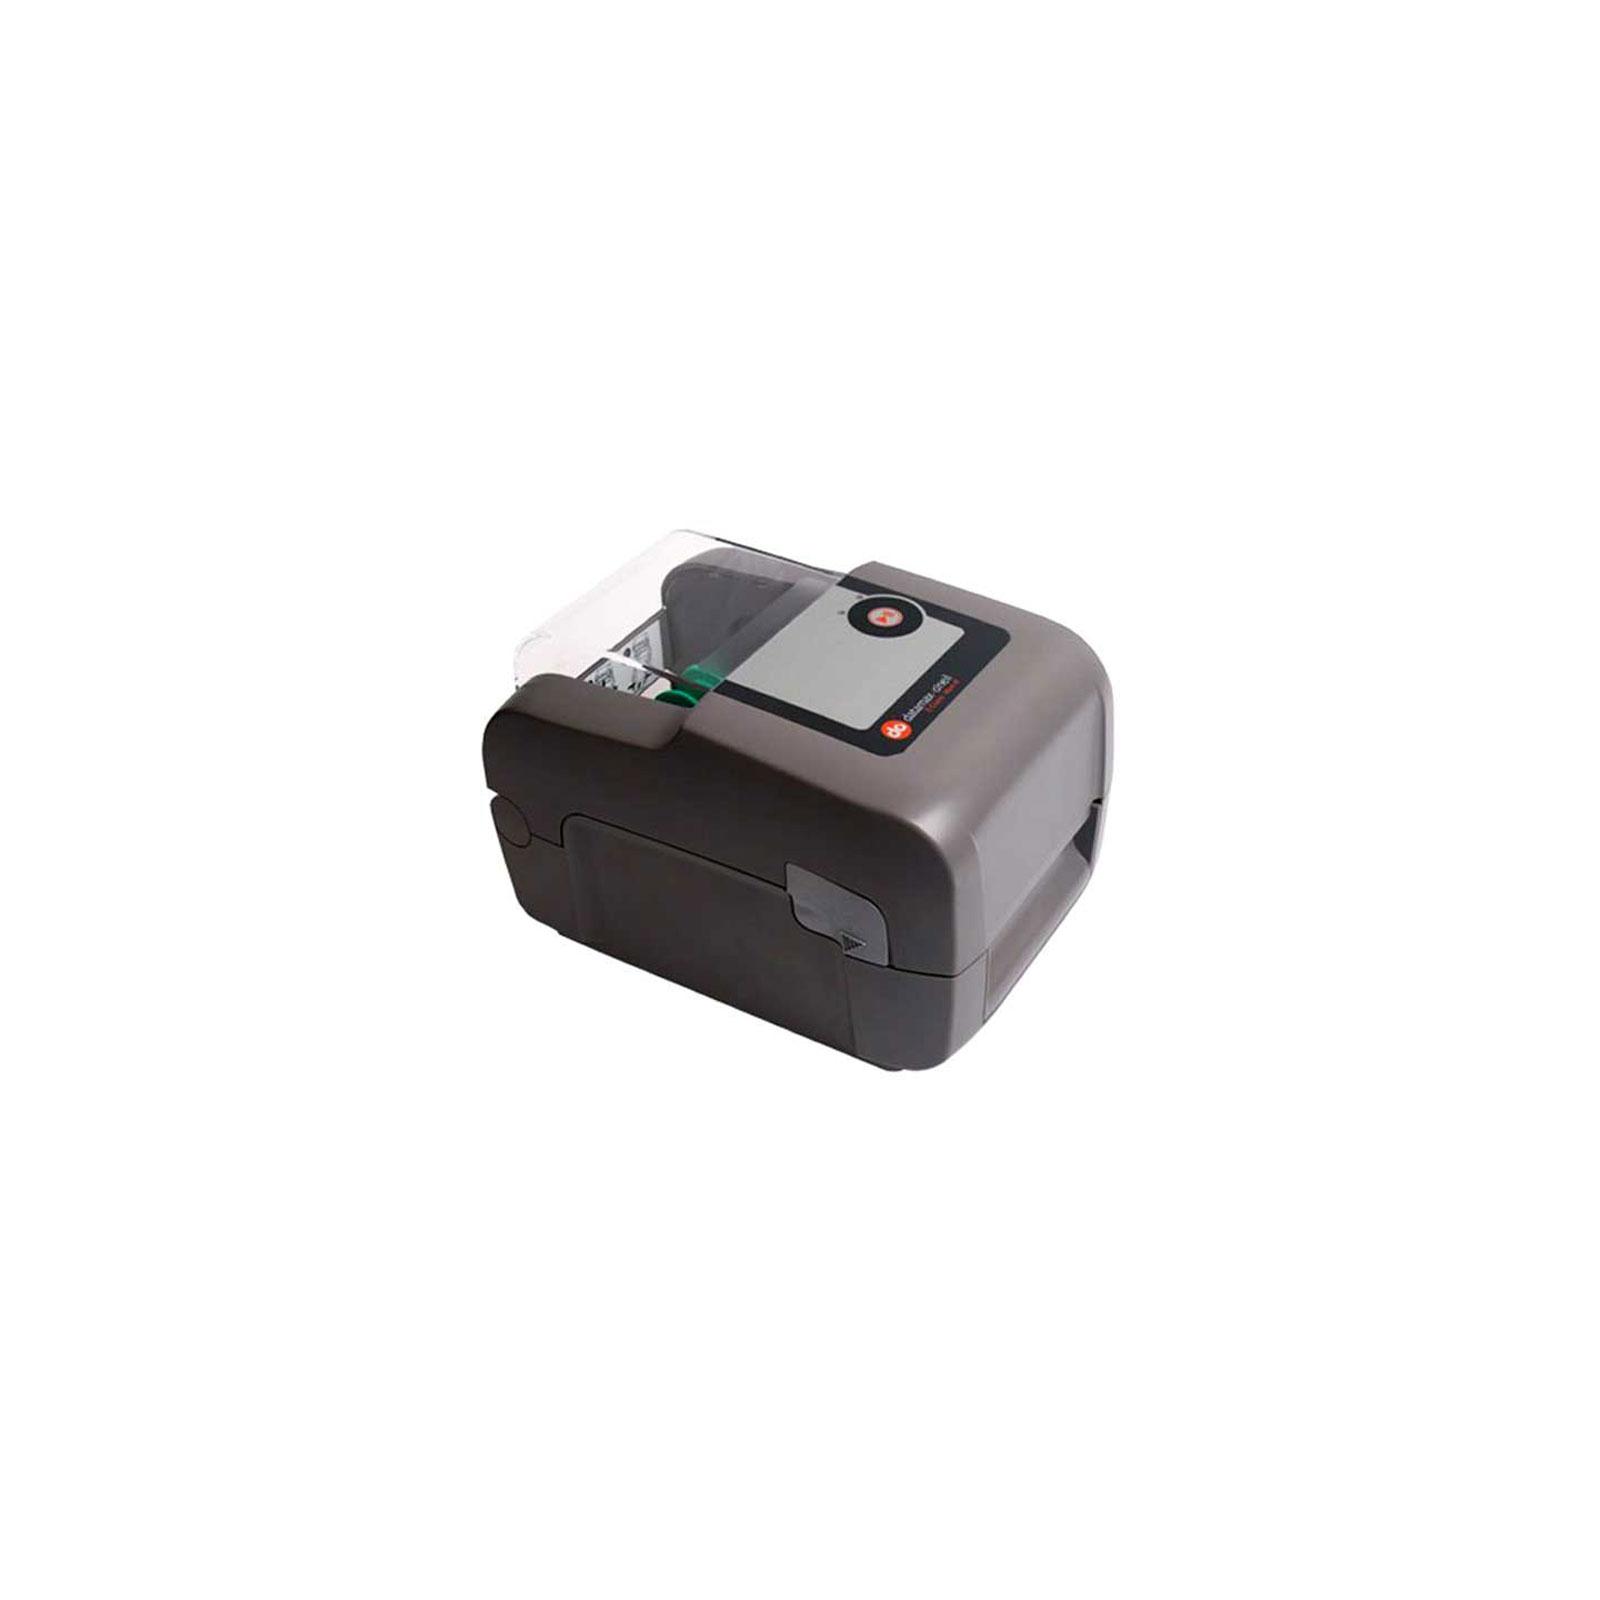 Принтер этикеток Datamax-O'neil E-Class Mark III E-4304B, 300dpi (EB3-00-1E001B00) изображение 2